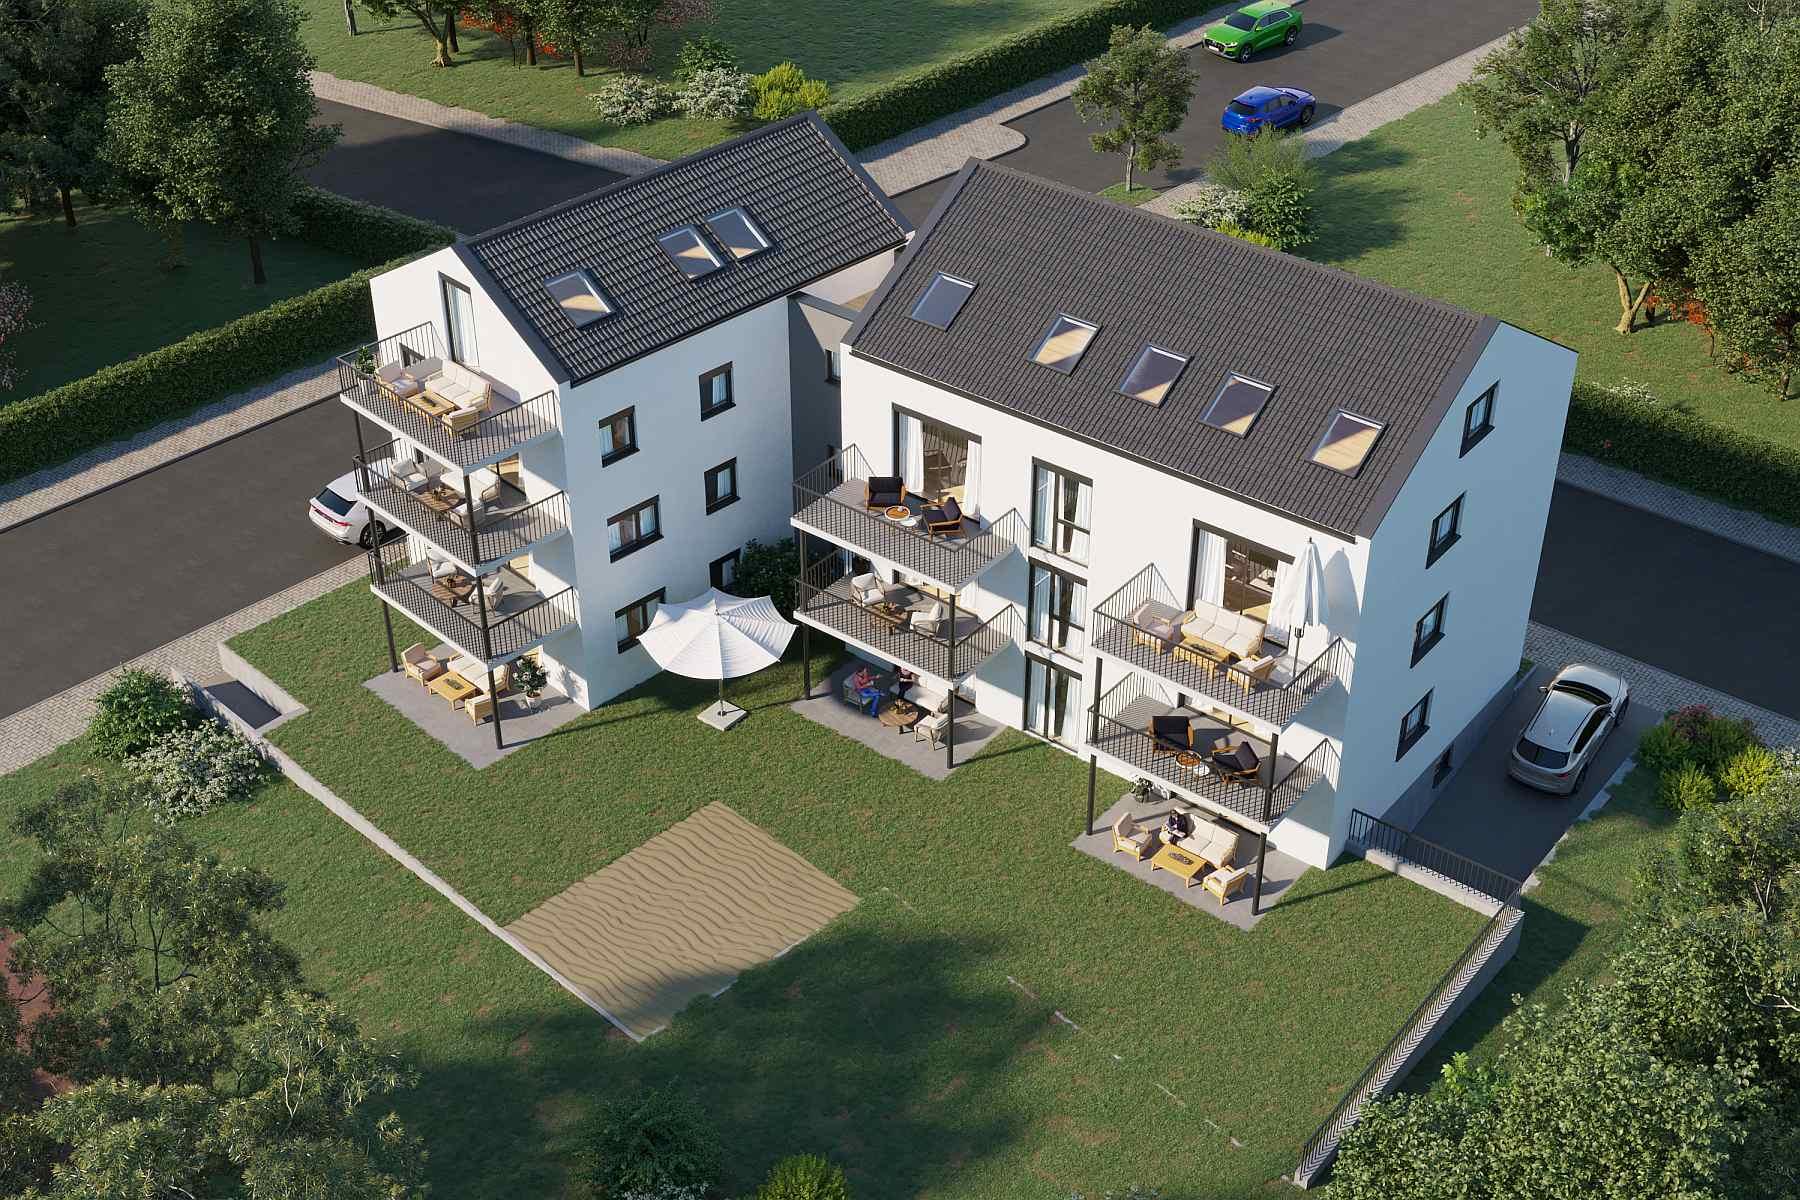 Immobilienberater und Wohnbaugesellschaften benötigen zur erfolgreichen Vermarktung 3D Gebäudevisualisierung. 5x 3D Gebäudevisualisierung für 560,-€/Bild.